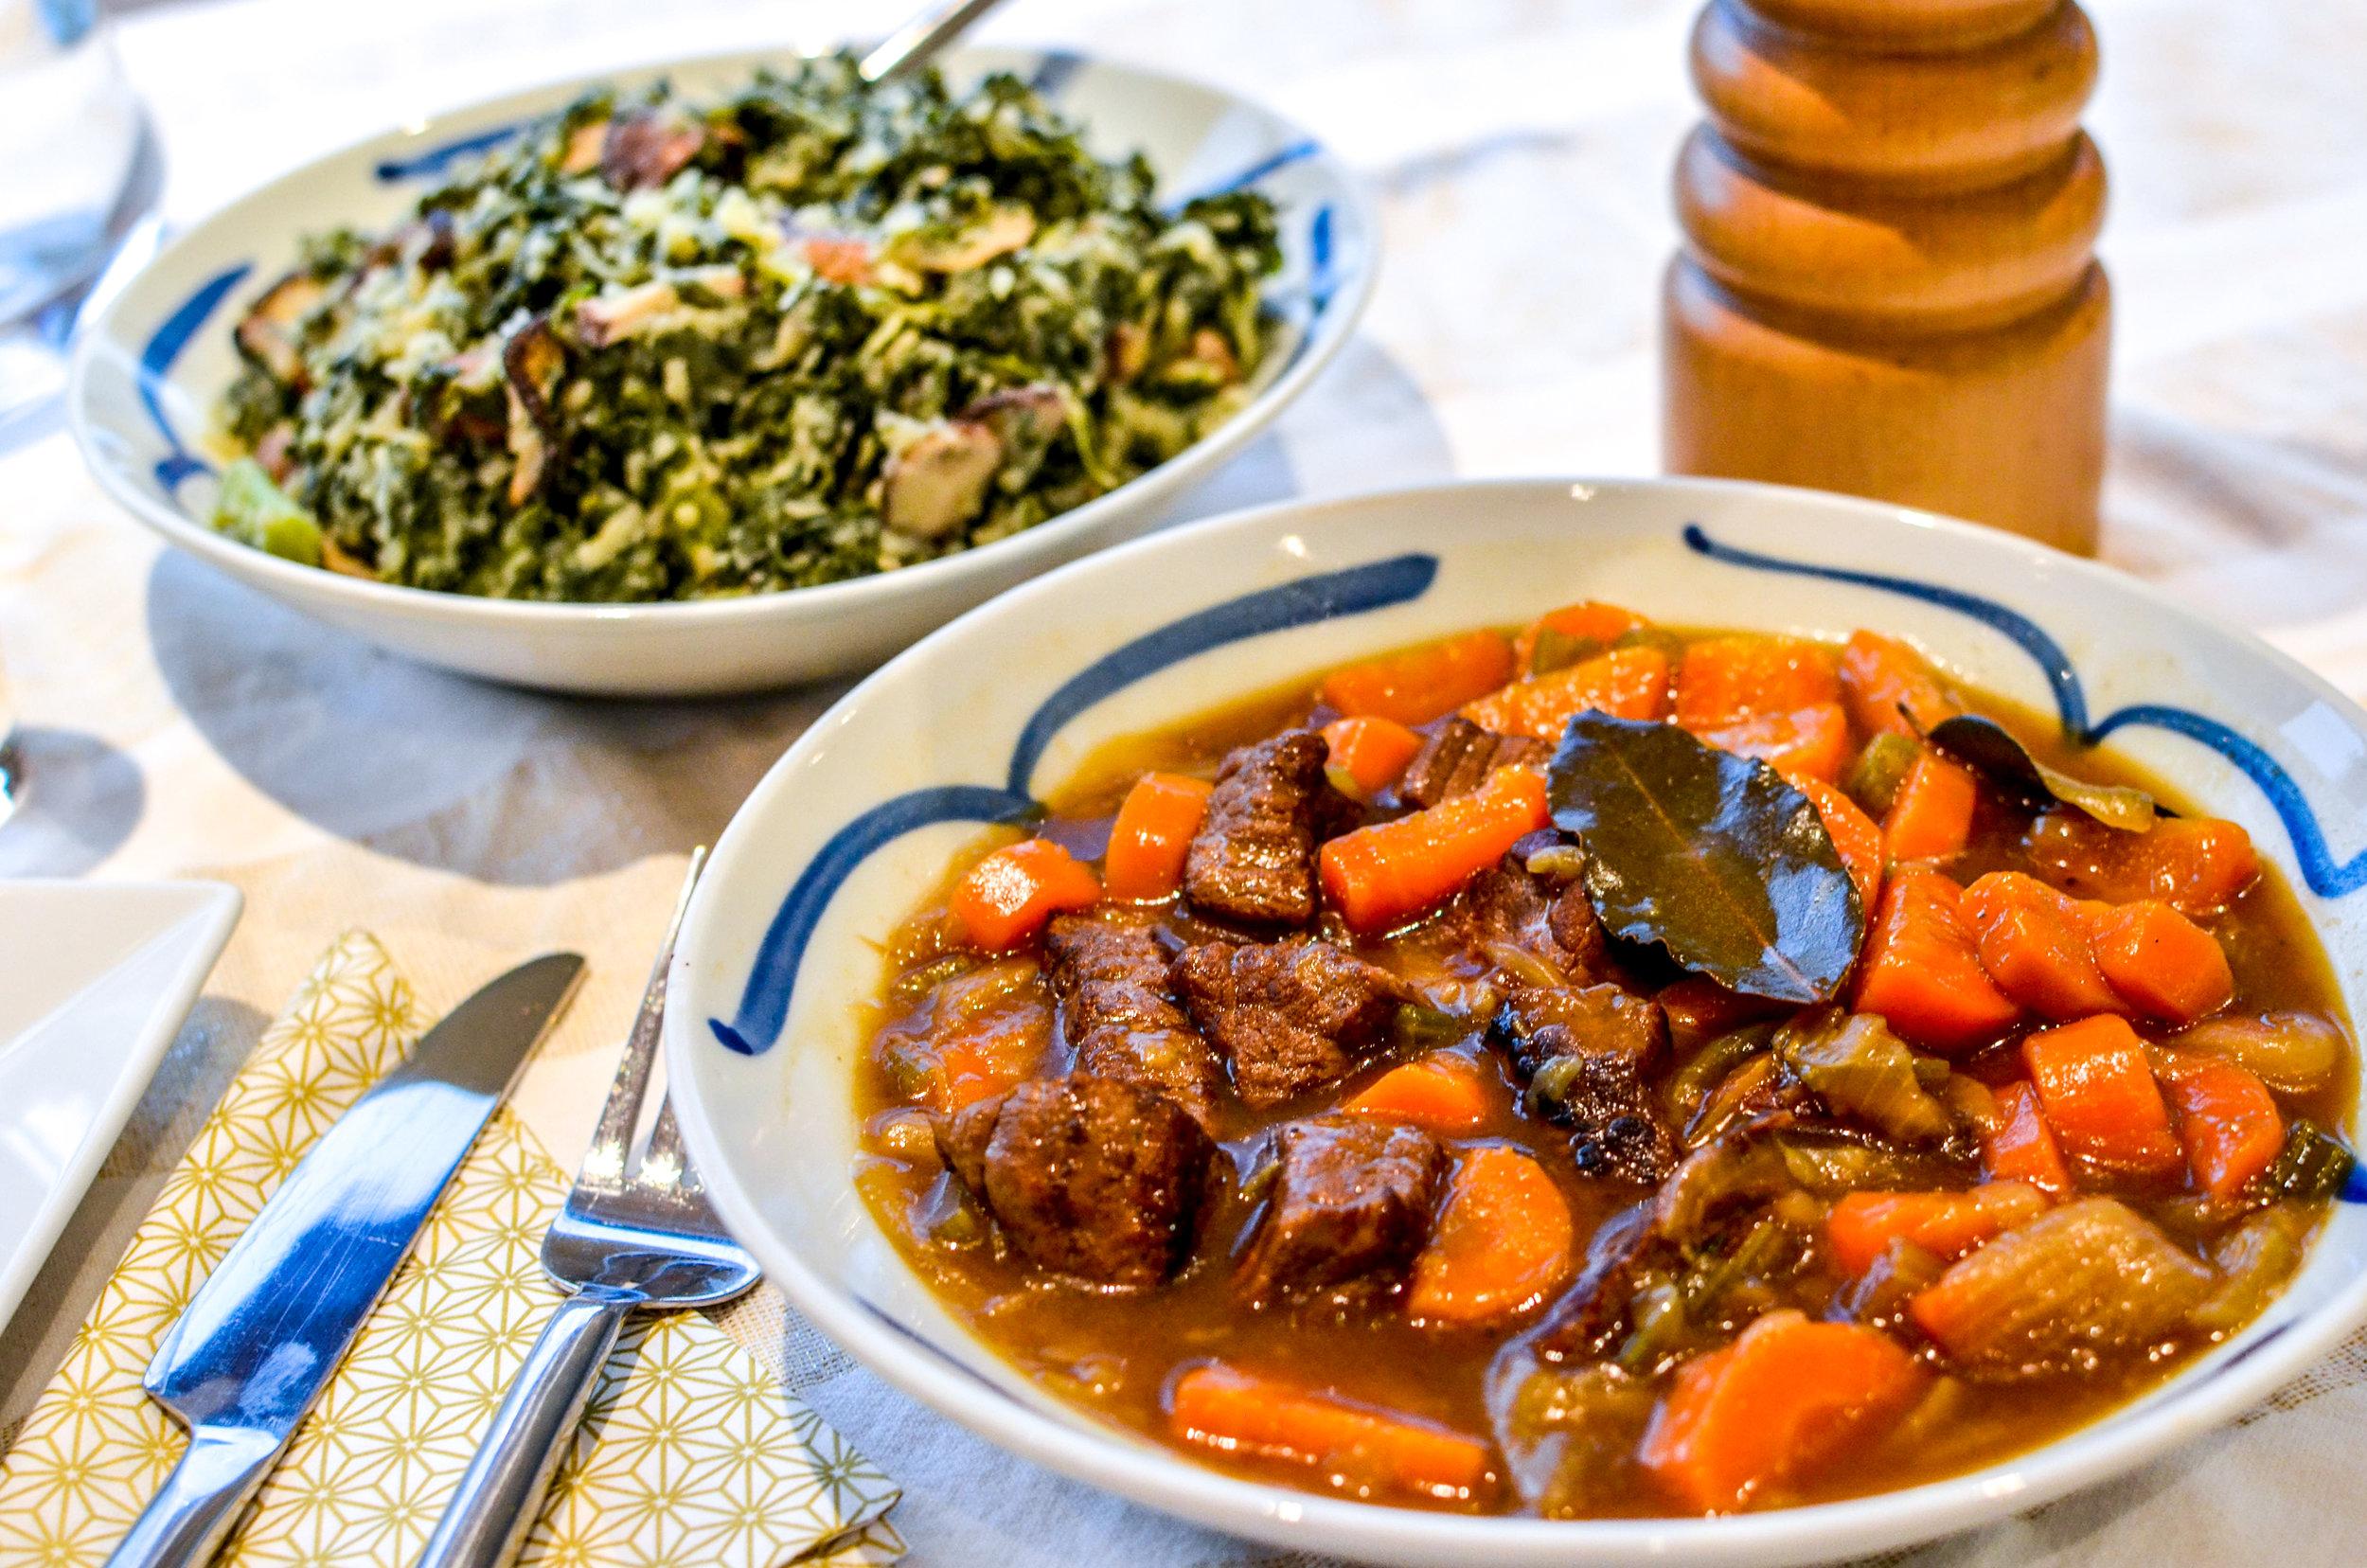 Meal 1 by chef Nathan: Carbonades flamandes (Bœuf, Carottes,Champignons Shiitake, Champignons châtaigne, Chou Kale, Pomme de terres rouges, Céleri Vert Botte, Oignons, Thym, Bière brune, Pain d'épices)